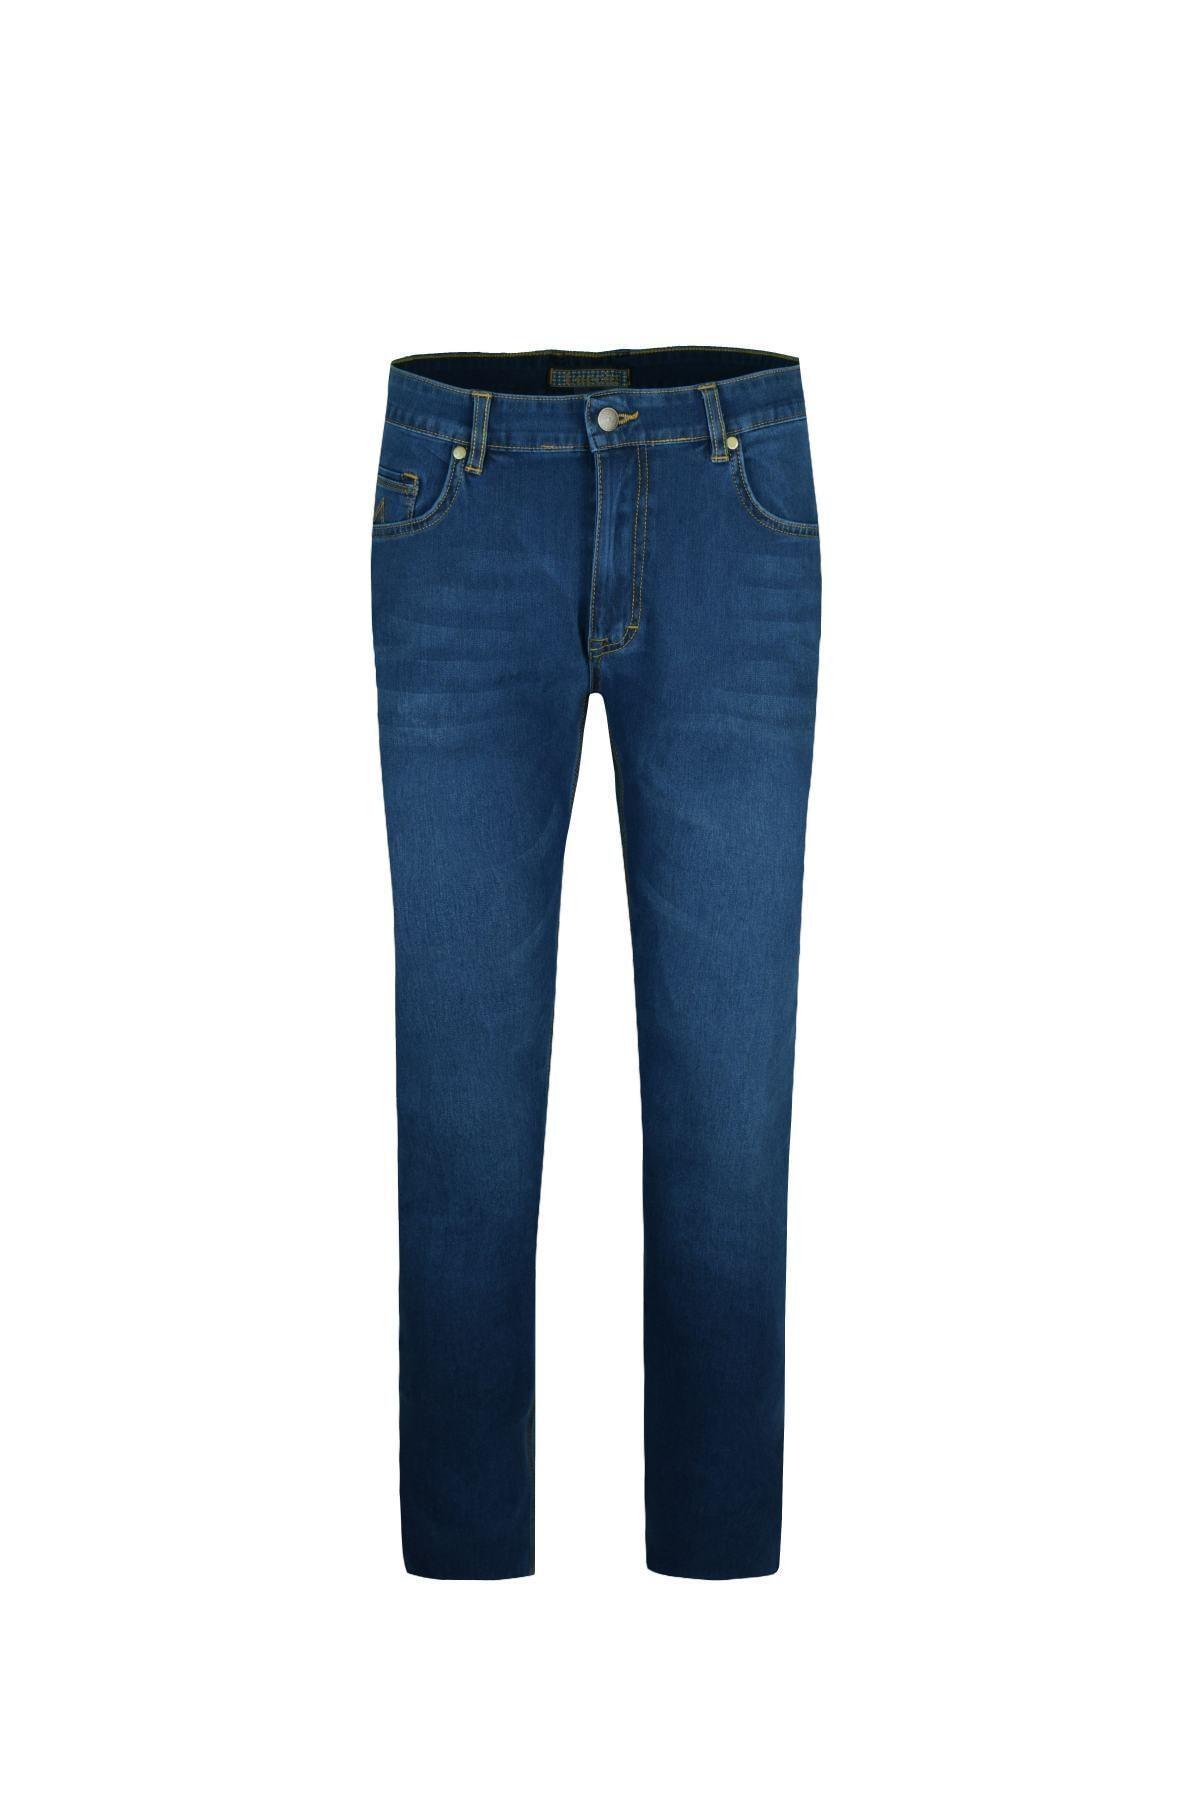 LUCCİO Erkek Slimfit Mavi Comfort Likralı Bilek Paça Denim Pantolon 1